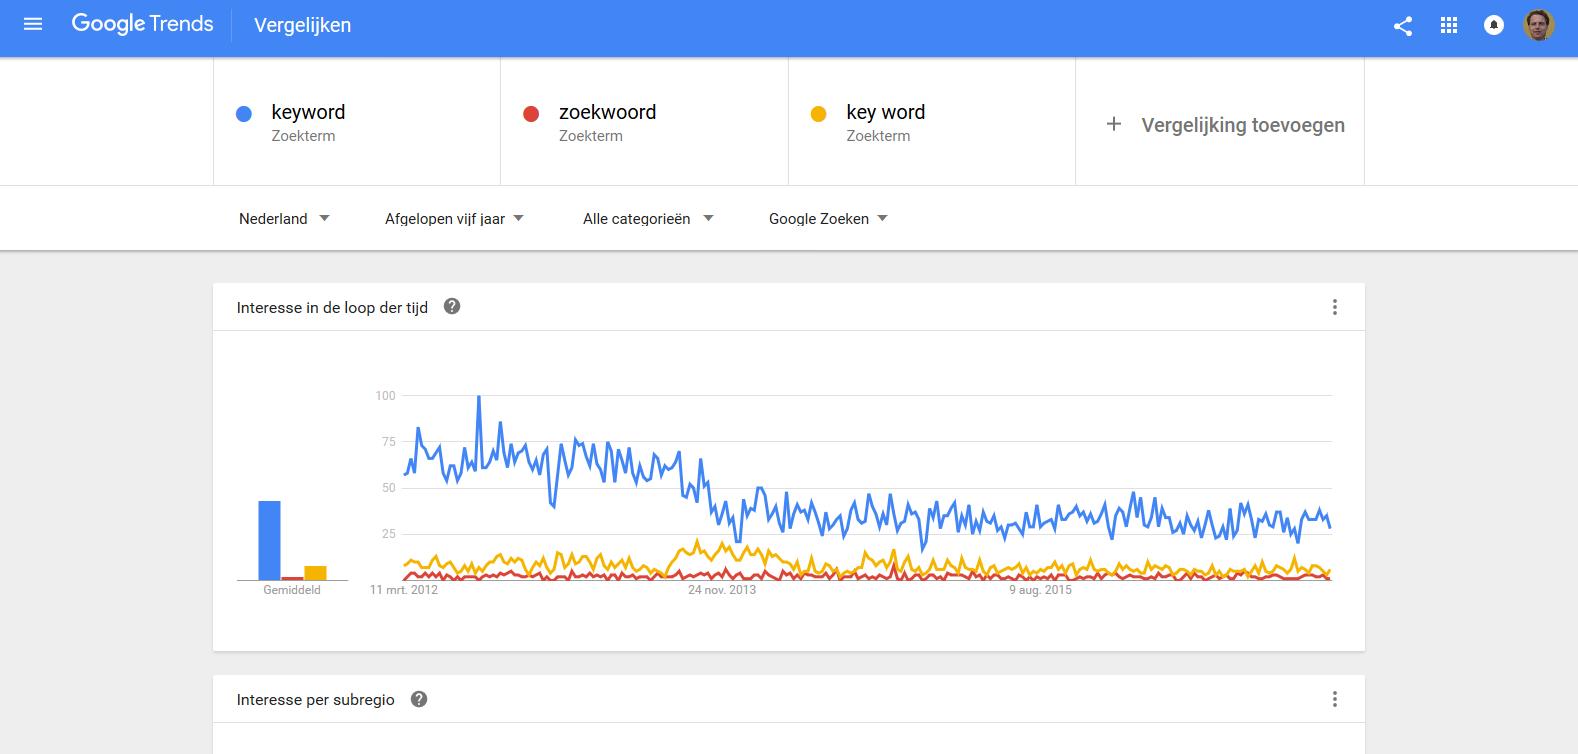 vergelijking in zoekvolumes via keyword planning tool Google Trends